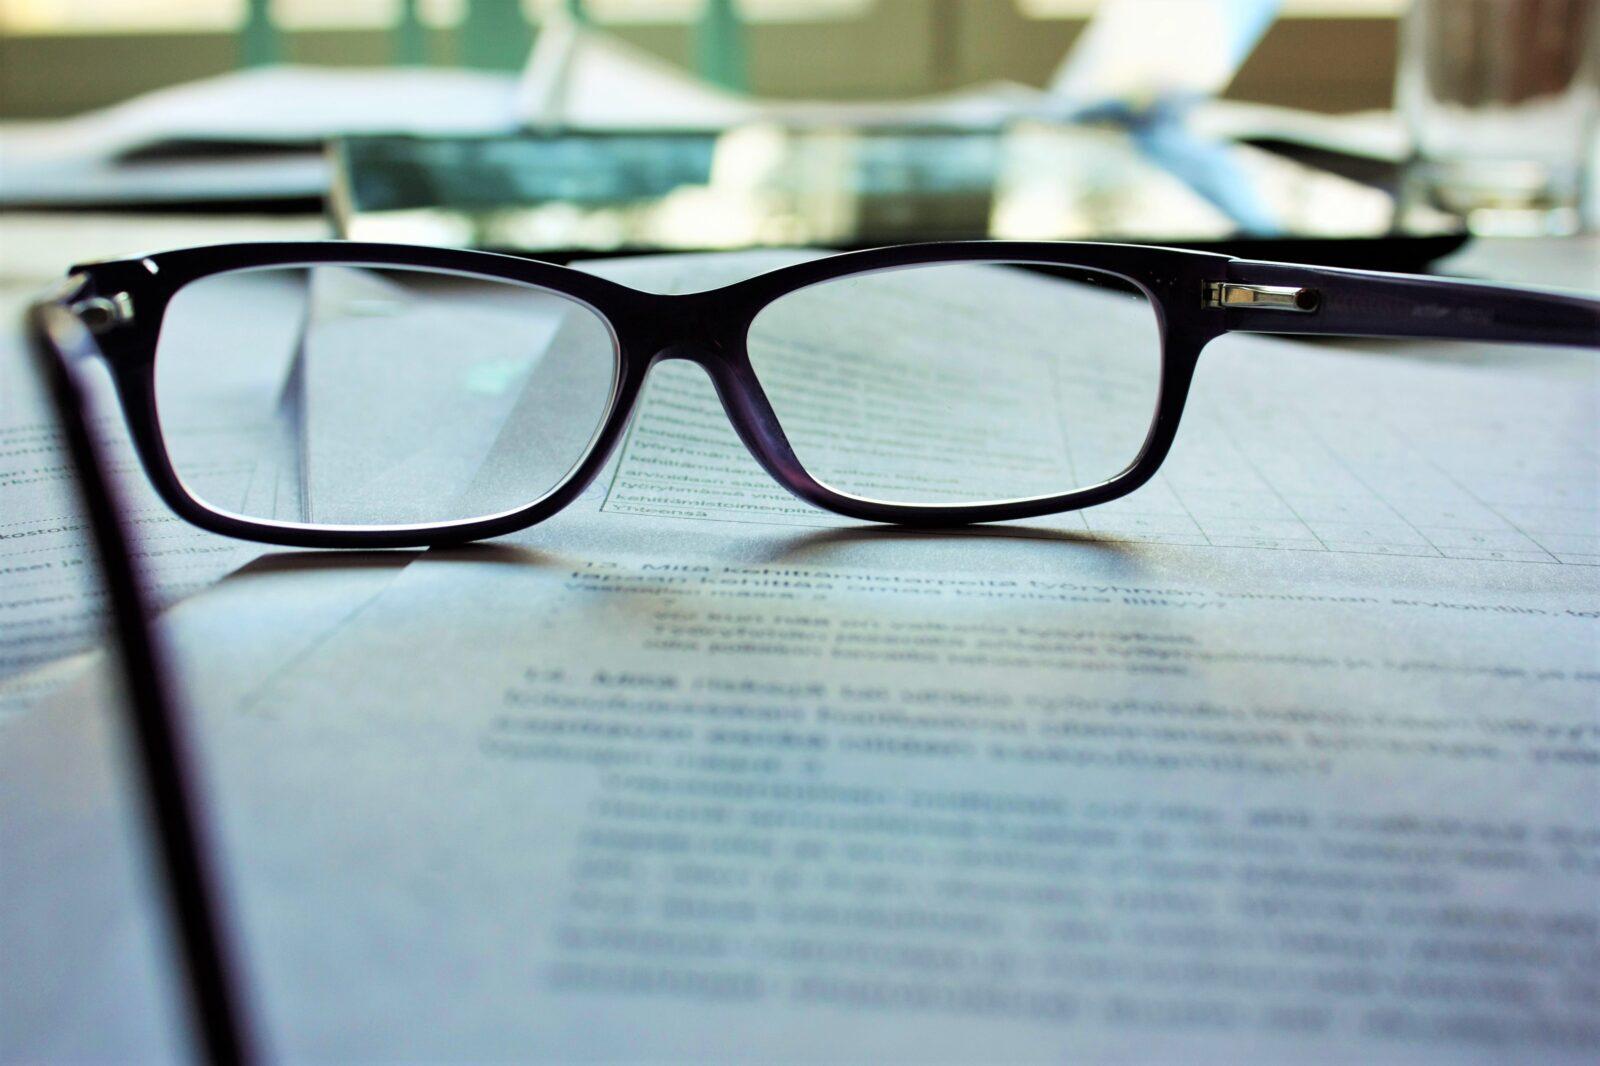 Spekulation i evalueringsmodellen ‒ kan tilbuddet afvises som unormalt lavt?